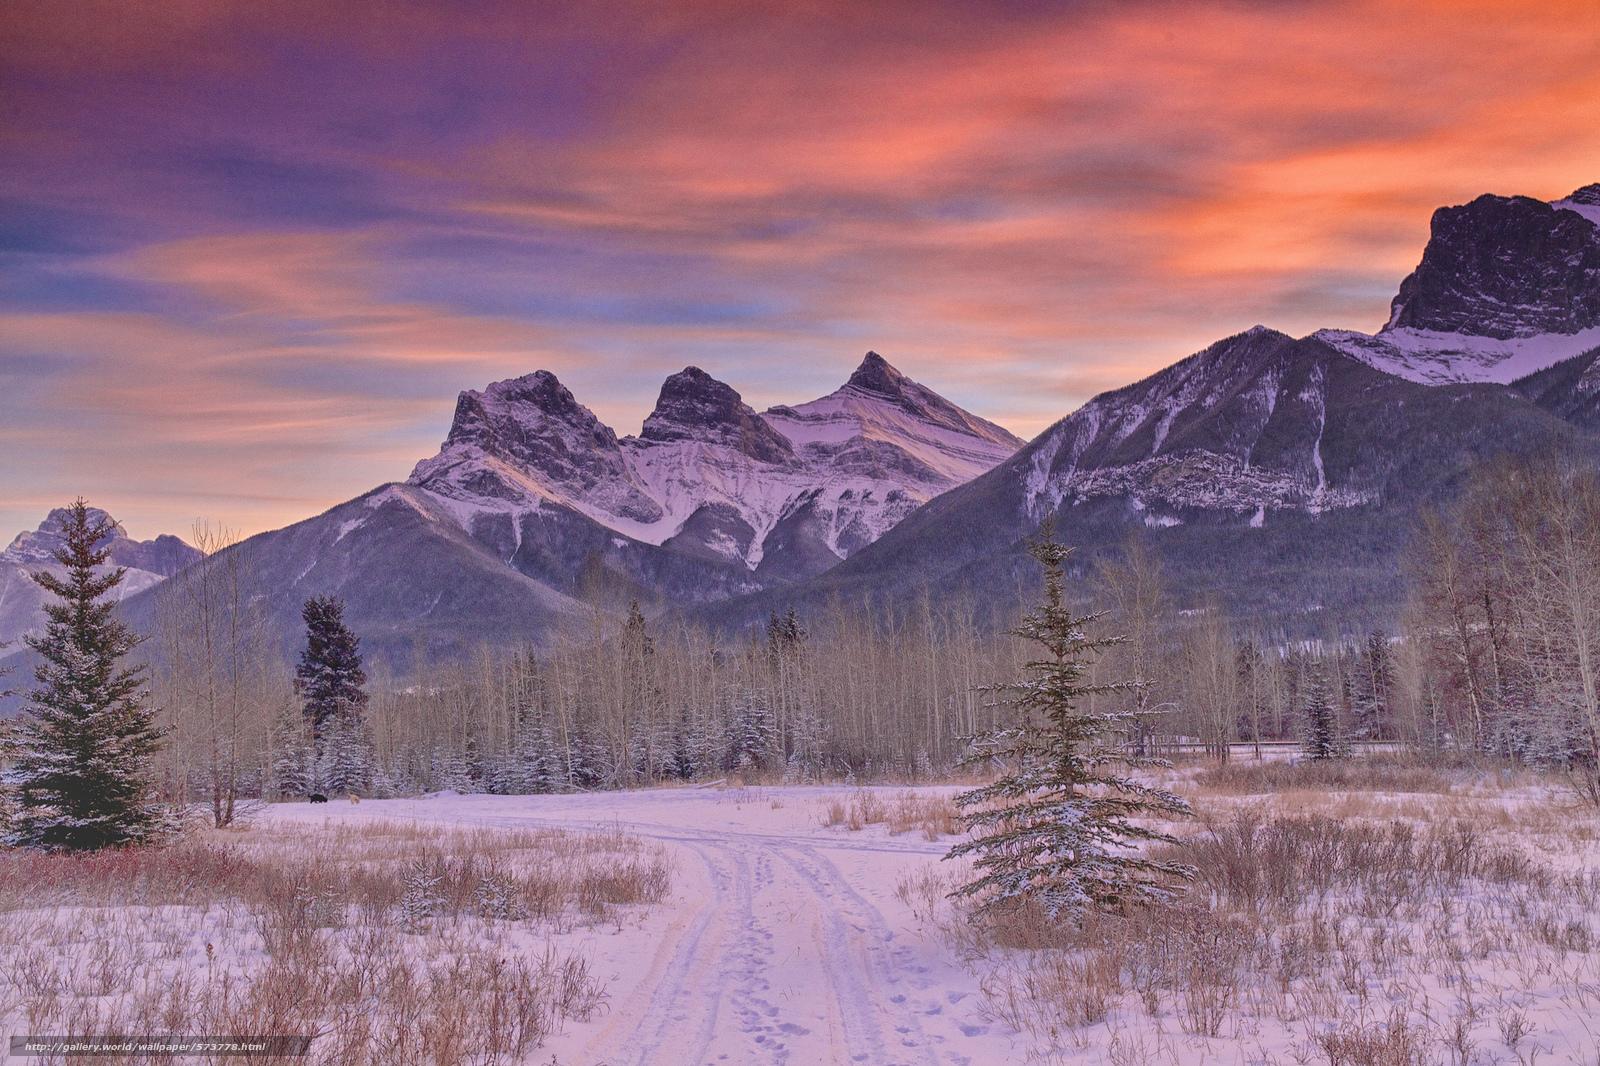 下载壁纸 山,  冬天,  森林,  雪 免费为您的桌面分辨率的壁纸 2048x1365 — 图片 №573778